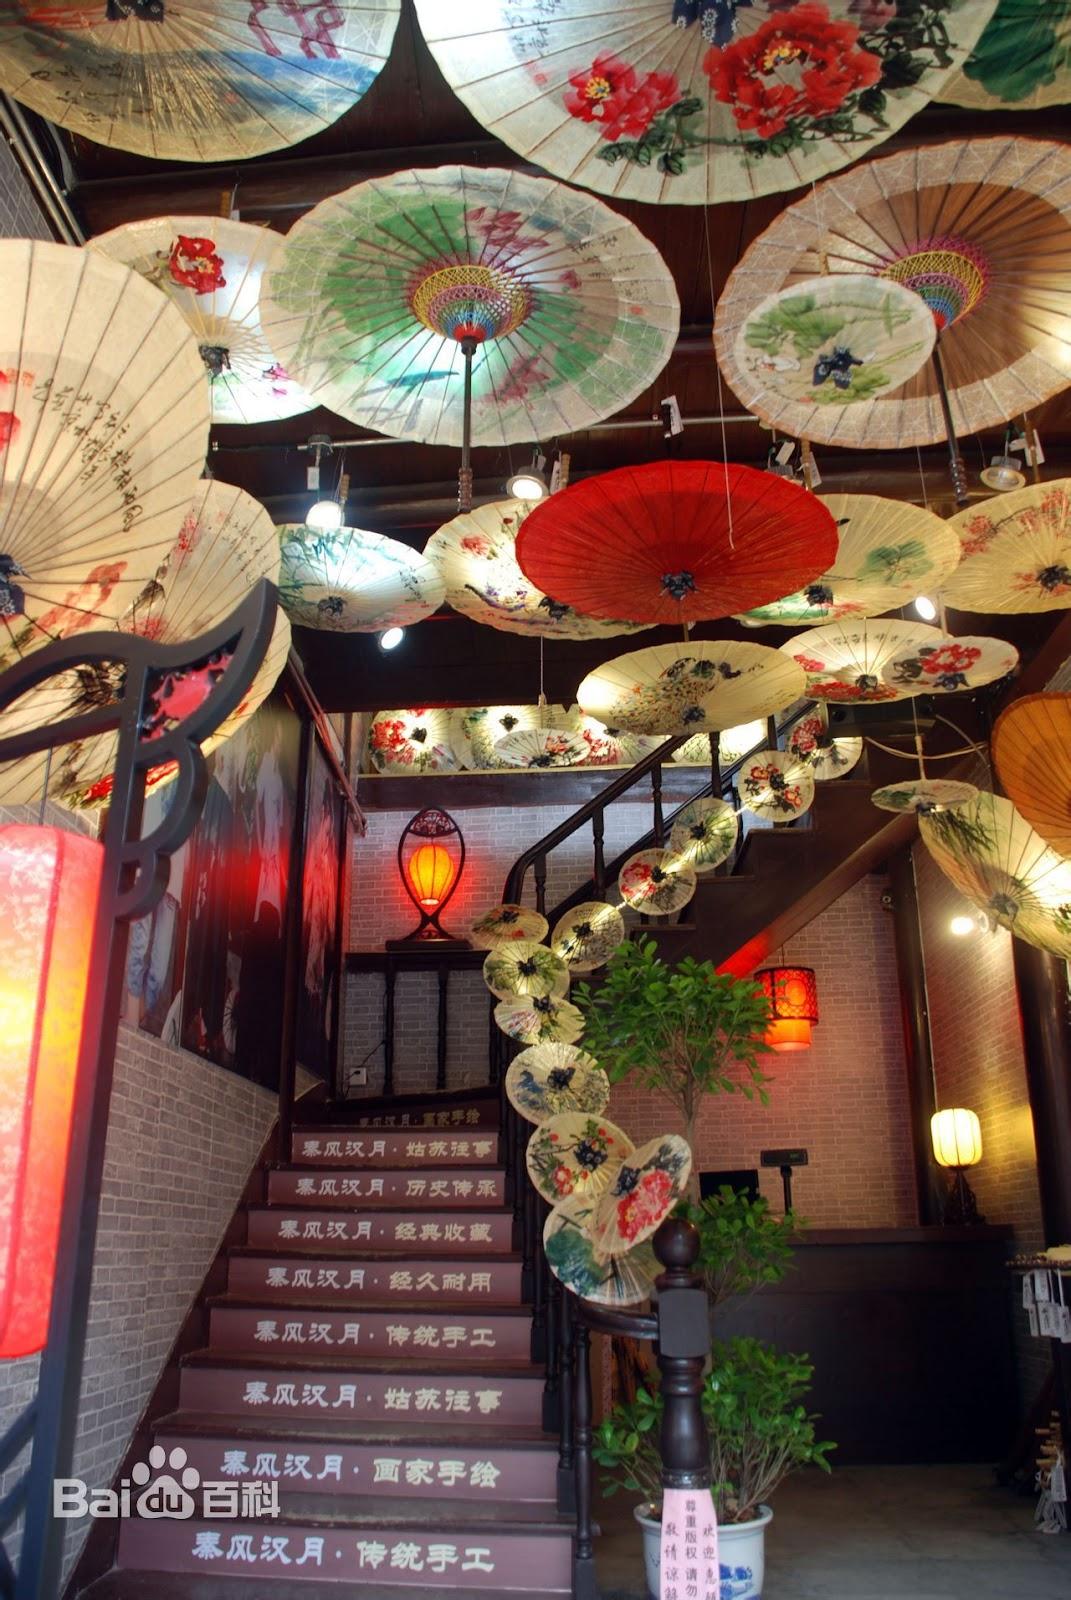 Pintu masuk restoran yang didekorasi dengan chinese umbrella - source: pinterest.com